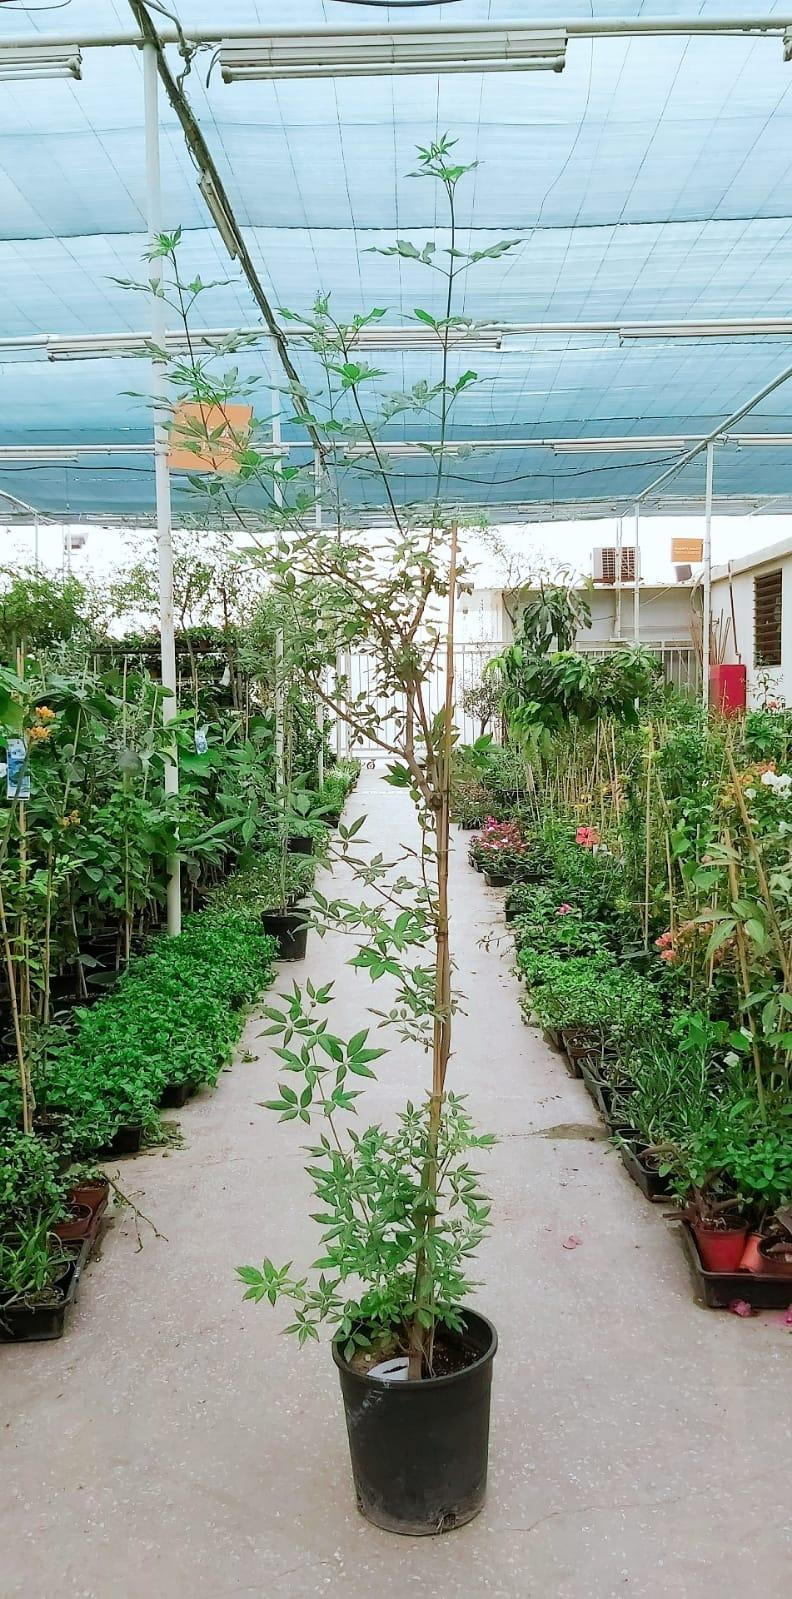 Vitex Agnus-castus 'Outdoor Plants'